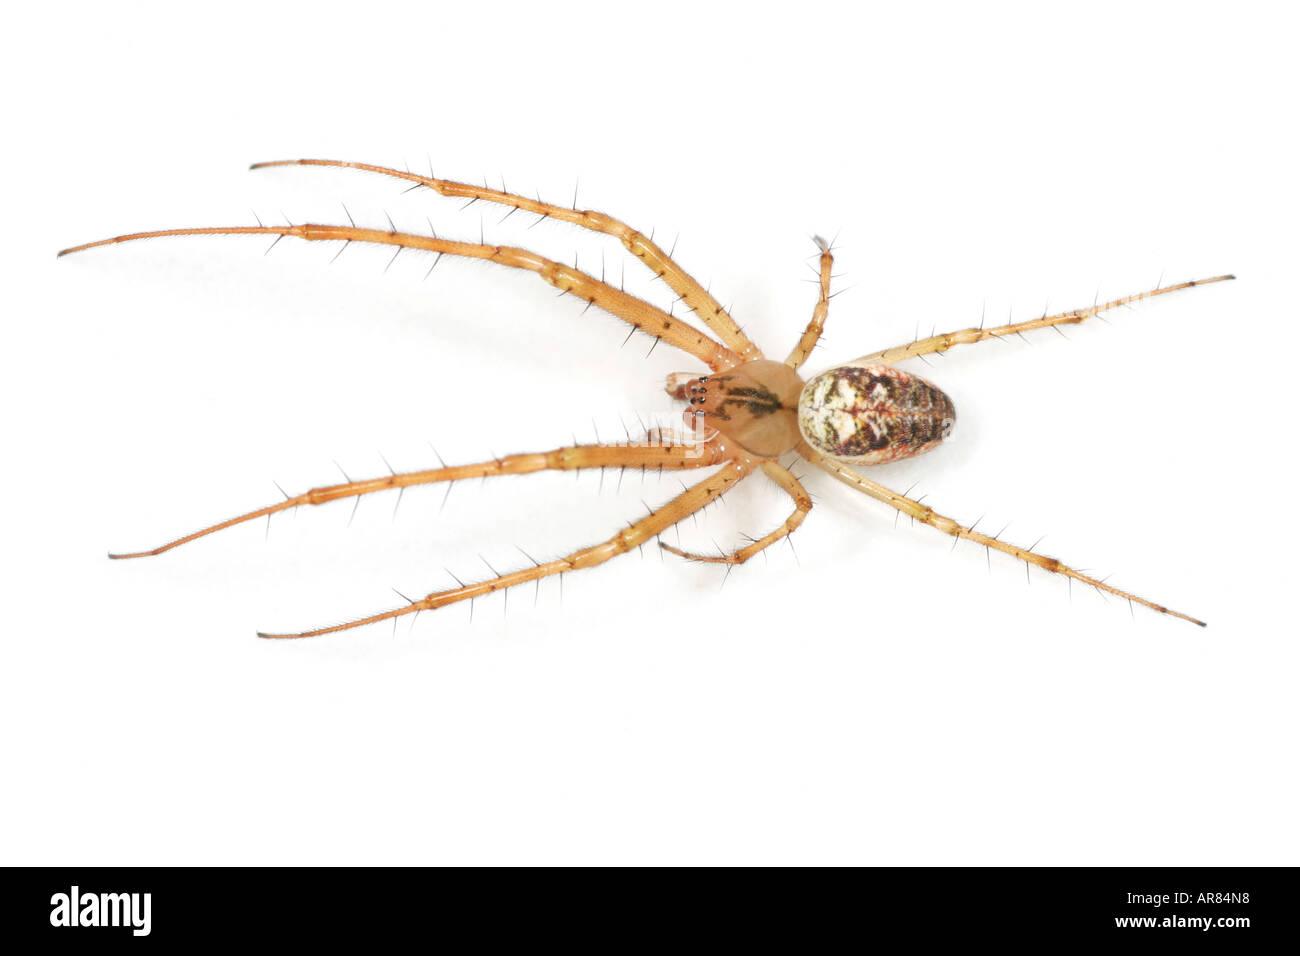 Meta (Metellina) Segmentata spider on white background Stock Photo